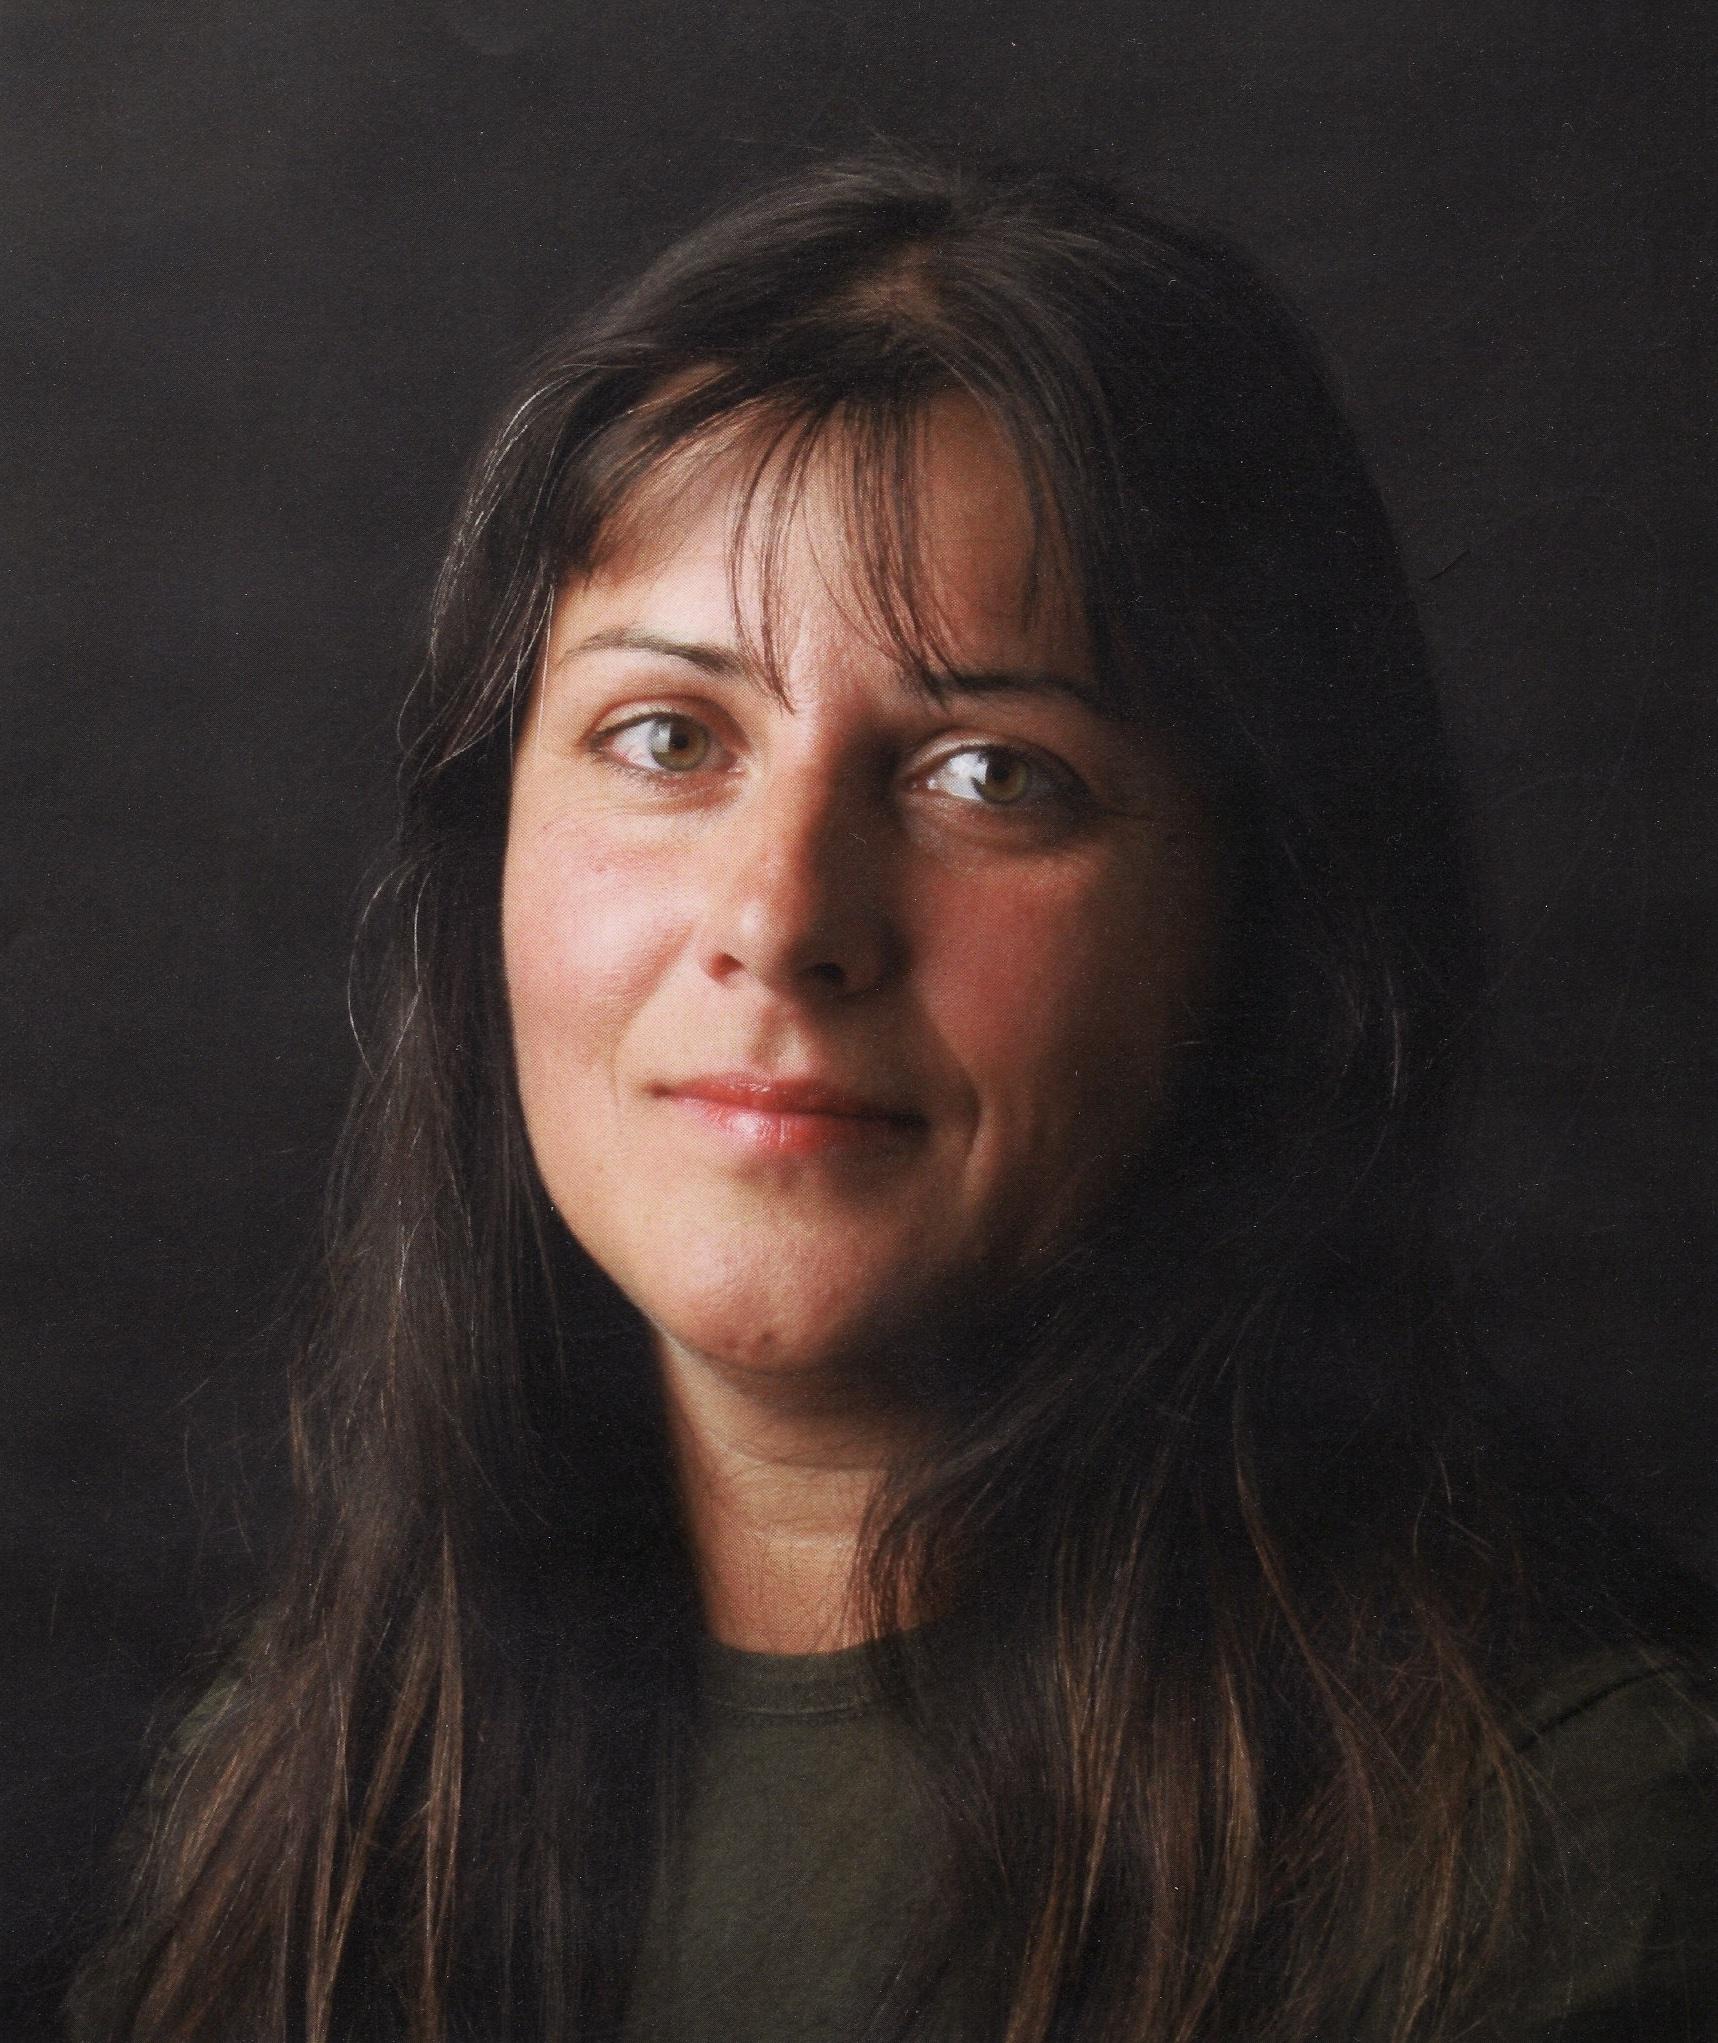 Karin Mück